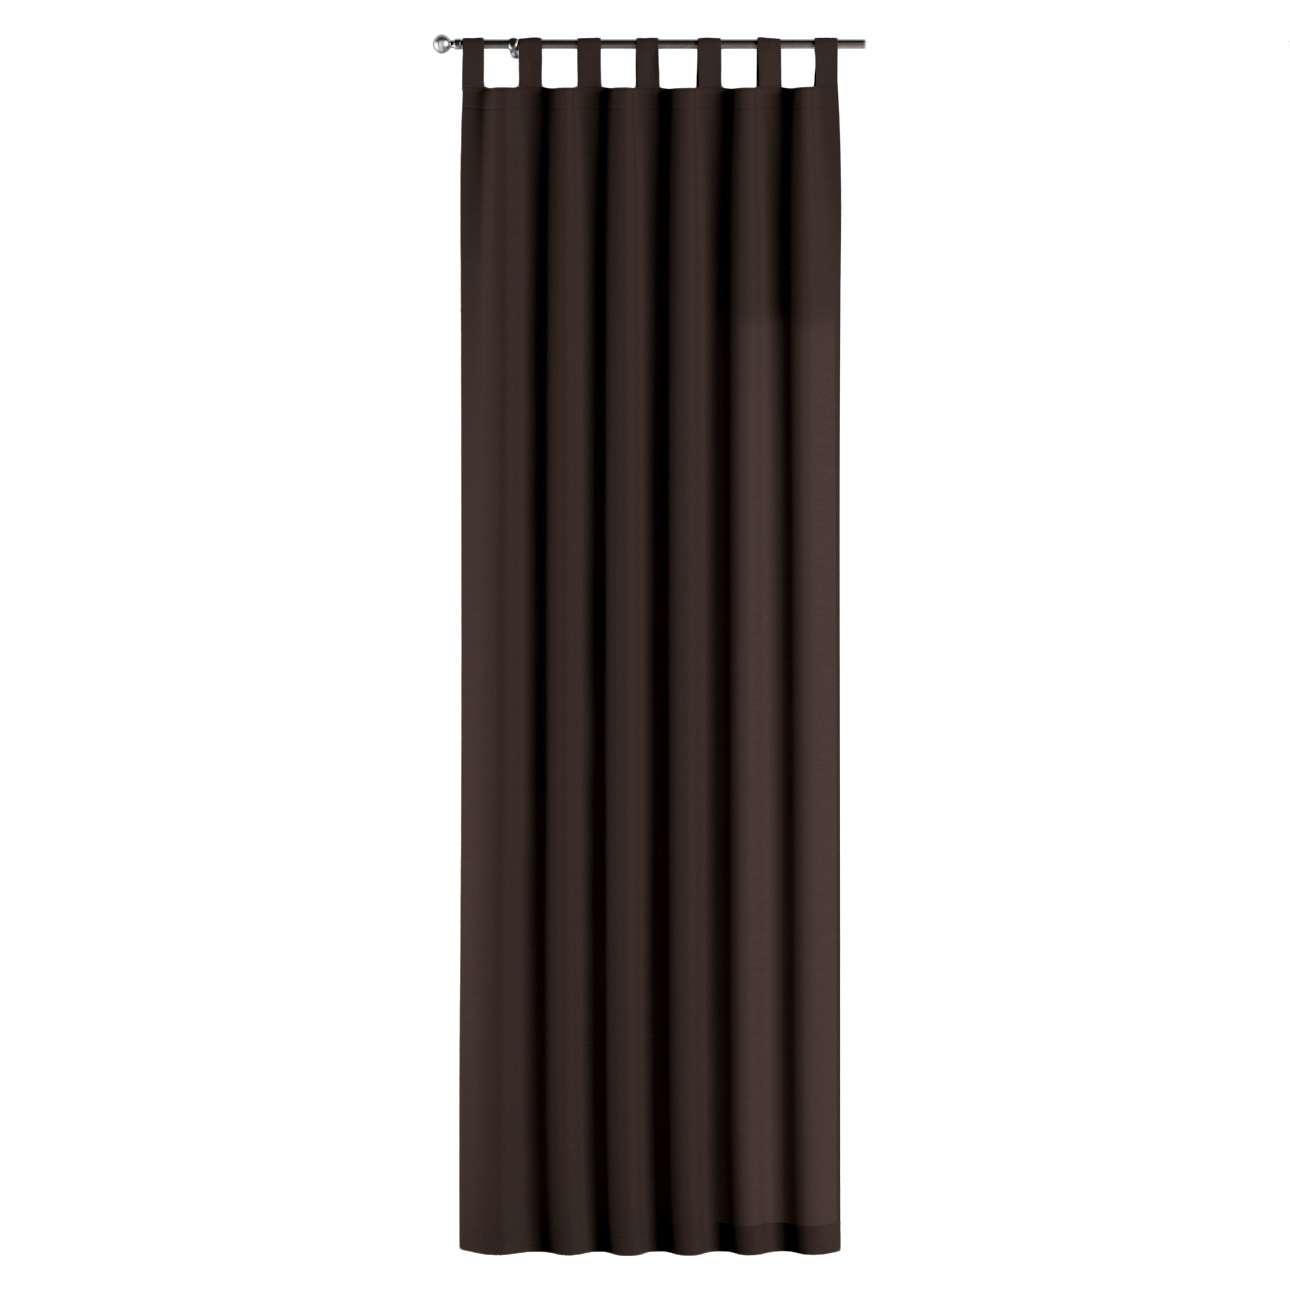 Kilpinio klostavimo užuolaidos 130 x 260 cm (plotis x ilgis) kolekcijoje Cotton Panama, audinys: 702-03